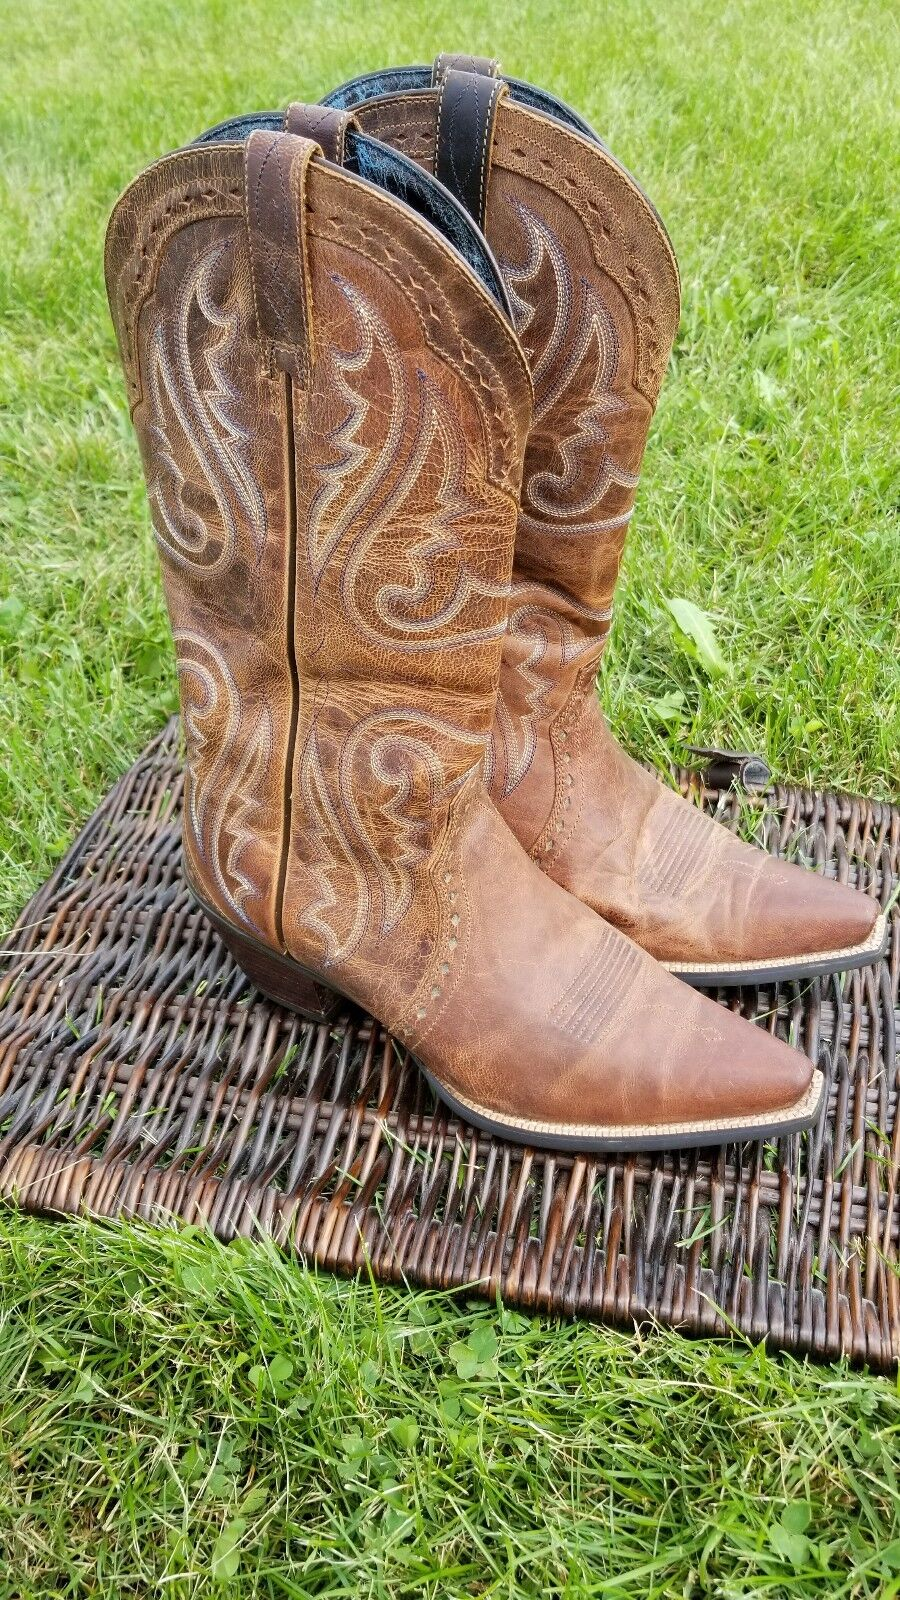 Ariat Heritage Heritage Heritage X Toe Mujer botas Western Cowgirl  Disfruta de un 50% de descuento.